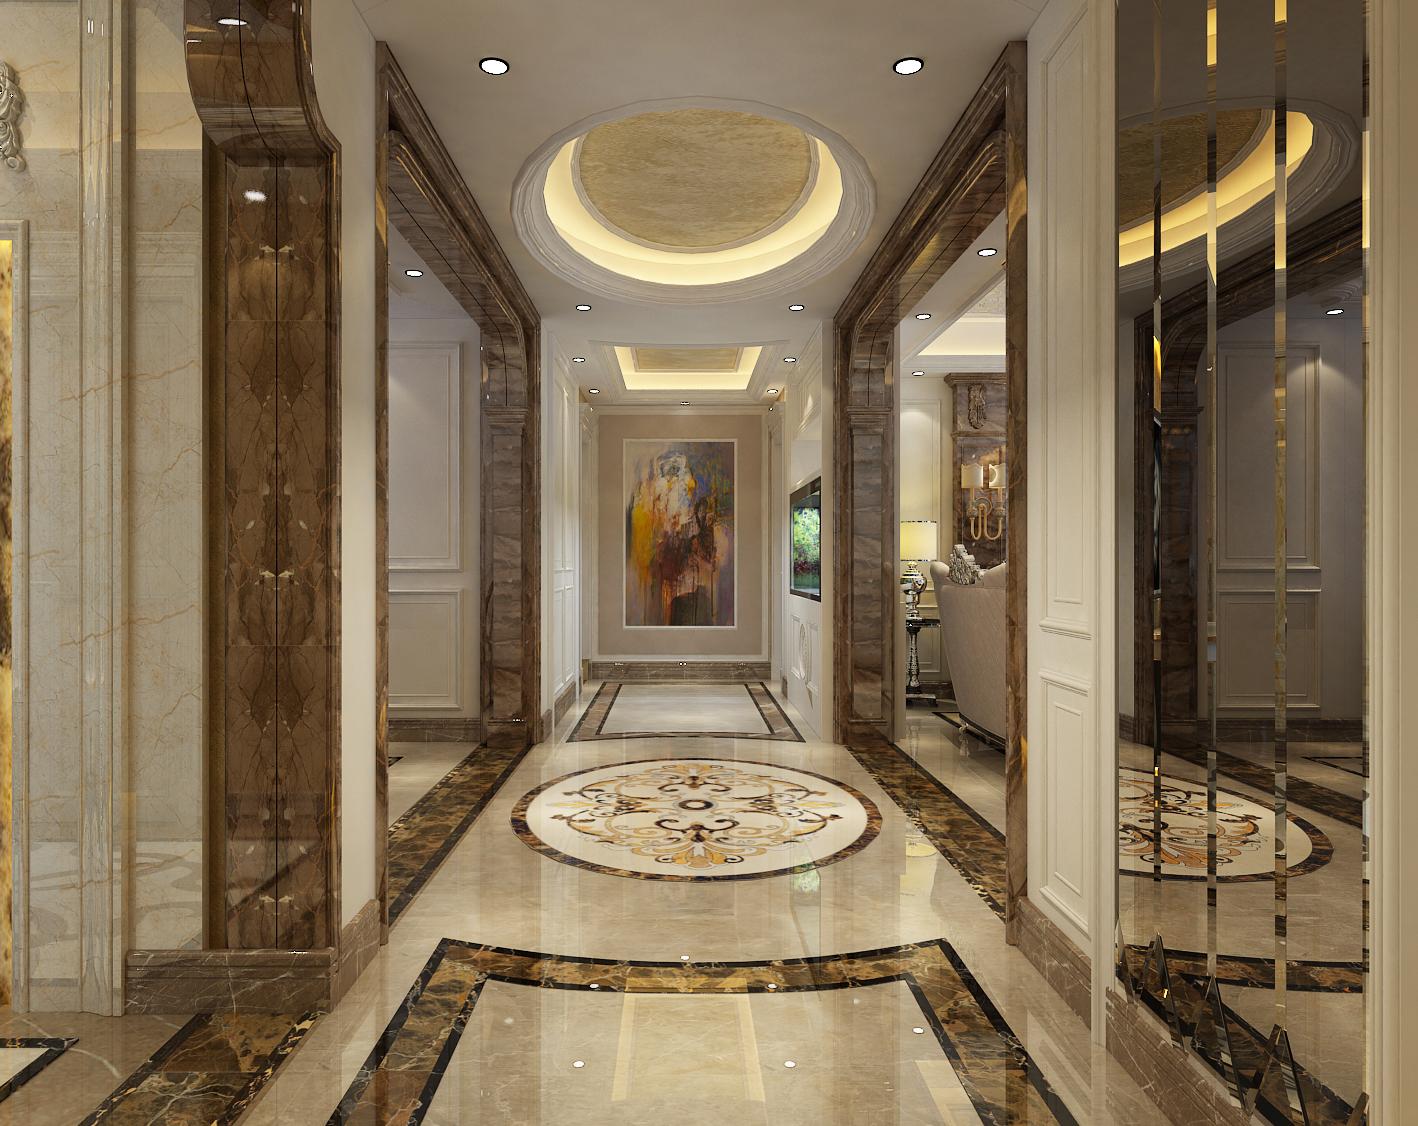 简欧风格 三居 客厅 餐厅 简约 80后图片来自太原一家一装饰有限公司在简欧风格装修案例的分享